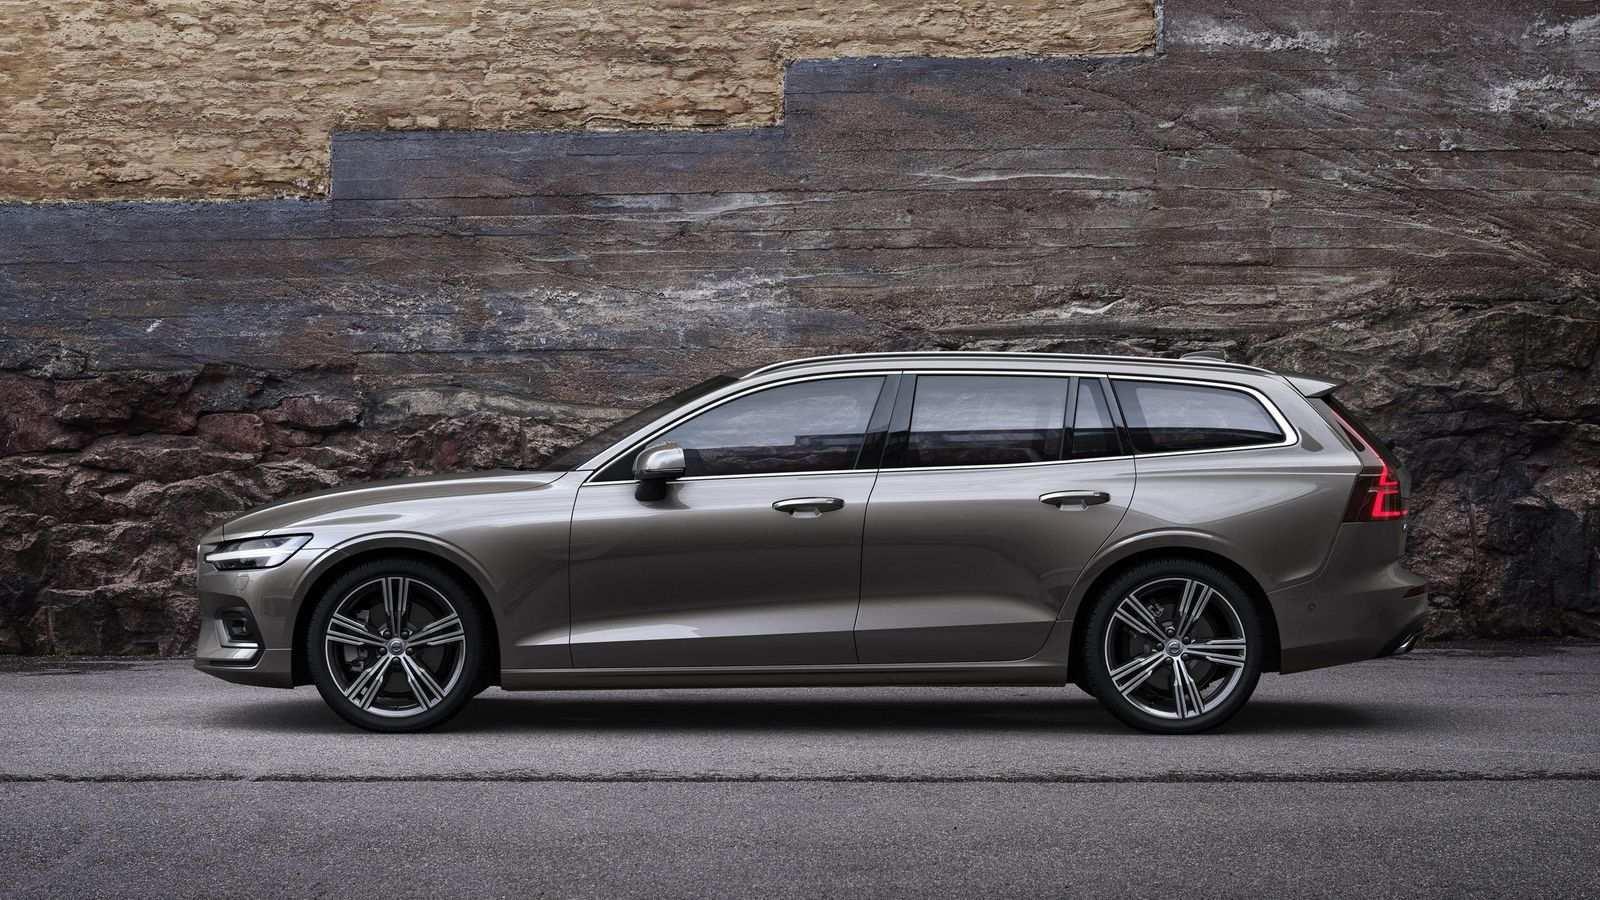 24 Best Review New 2019 Volvo V60 Spy Shoot with New 2019 Volvo V60